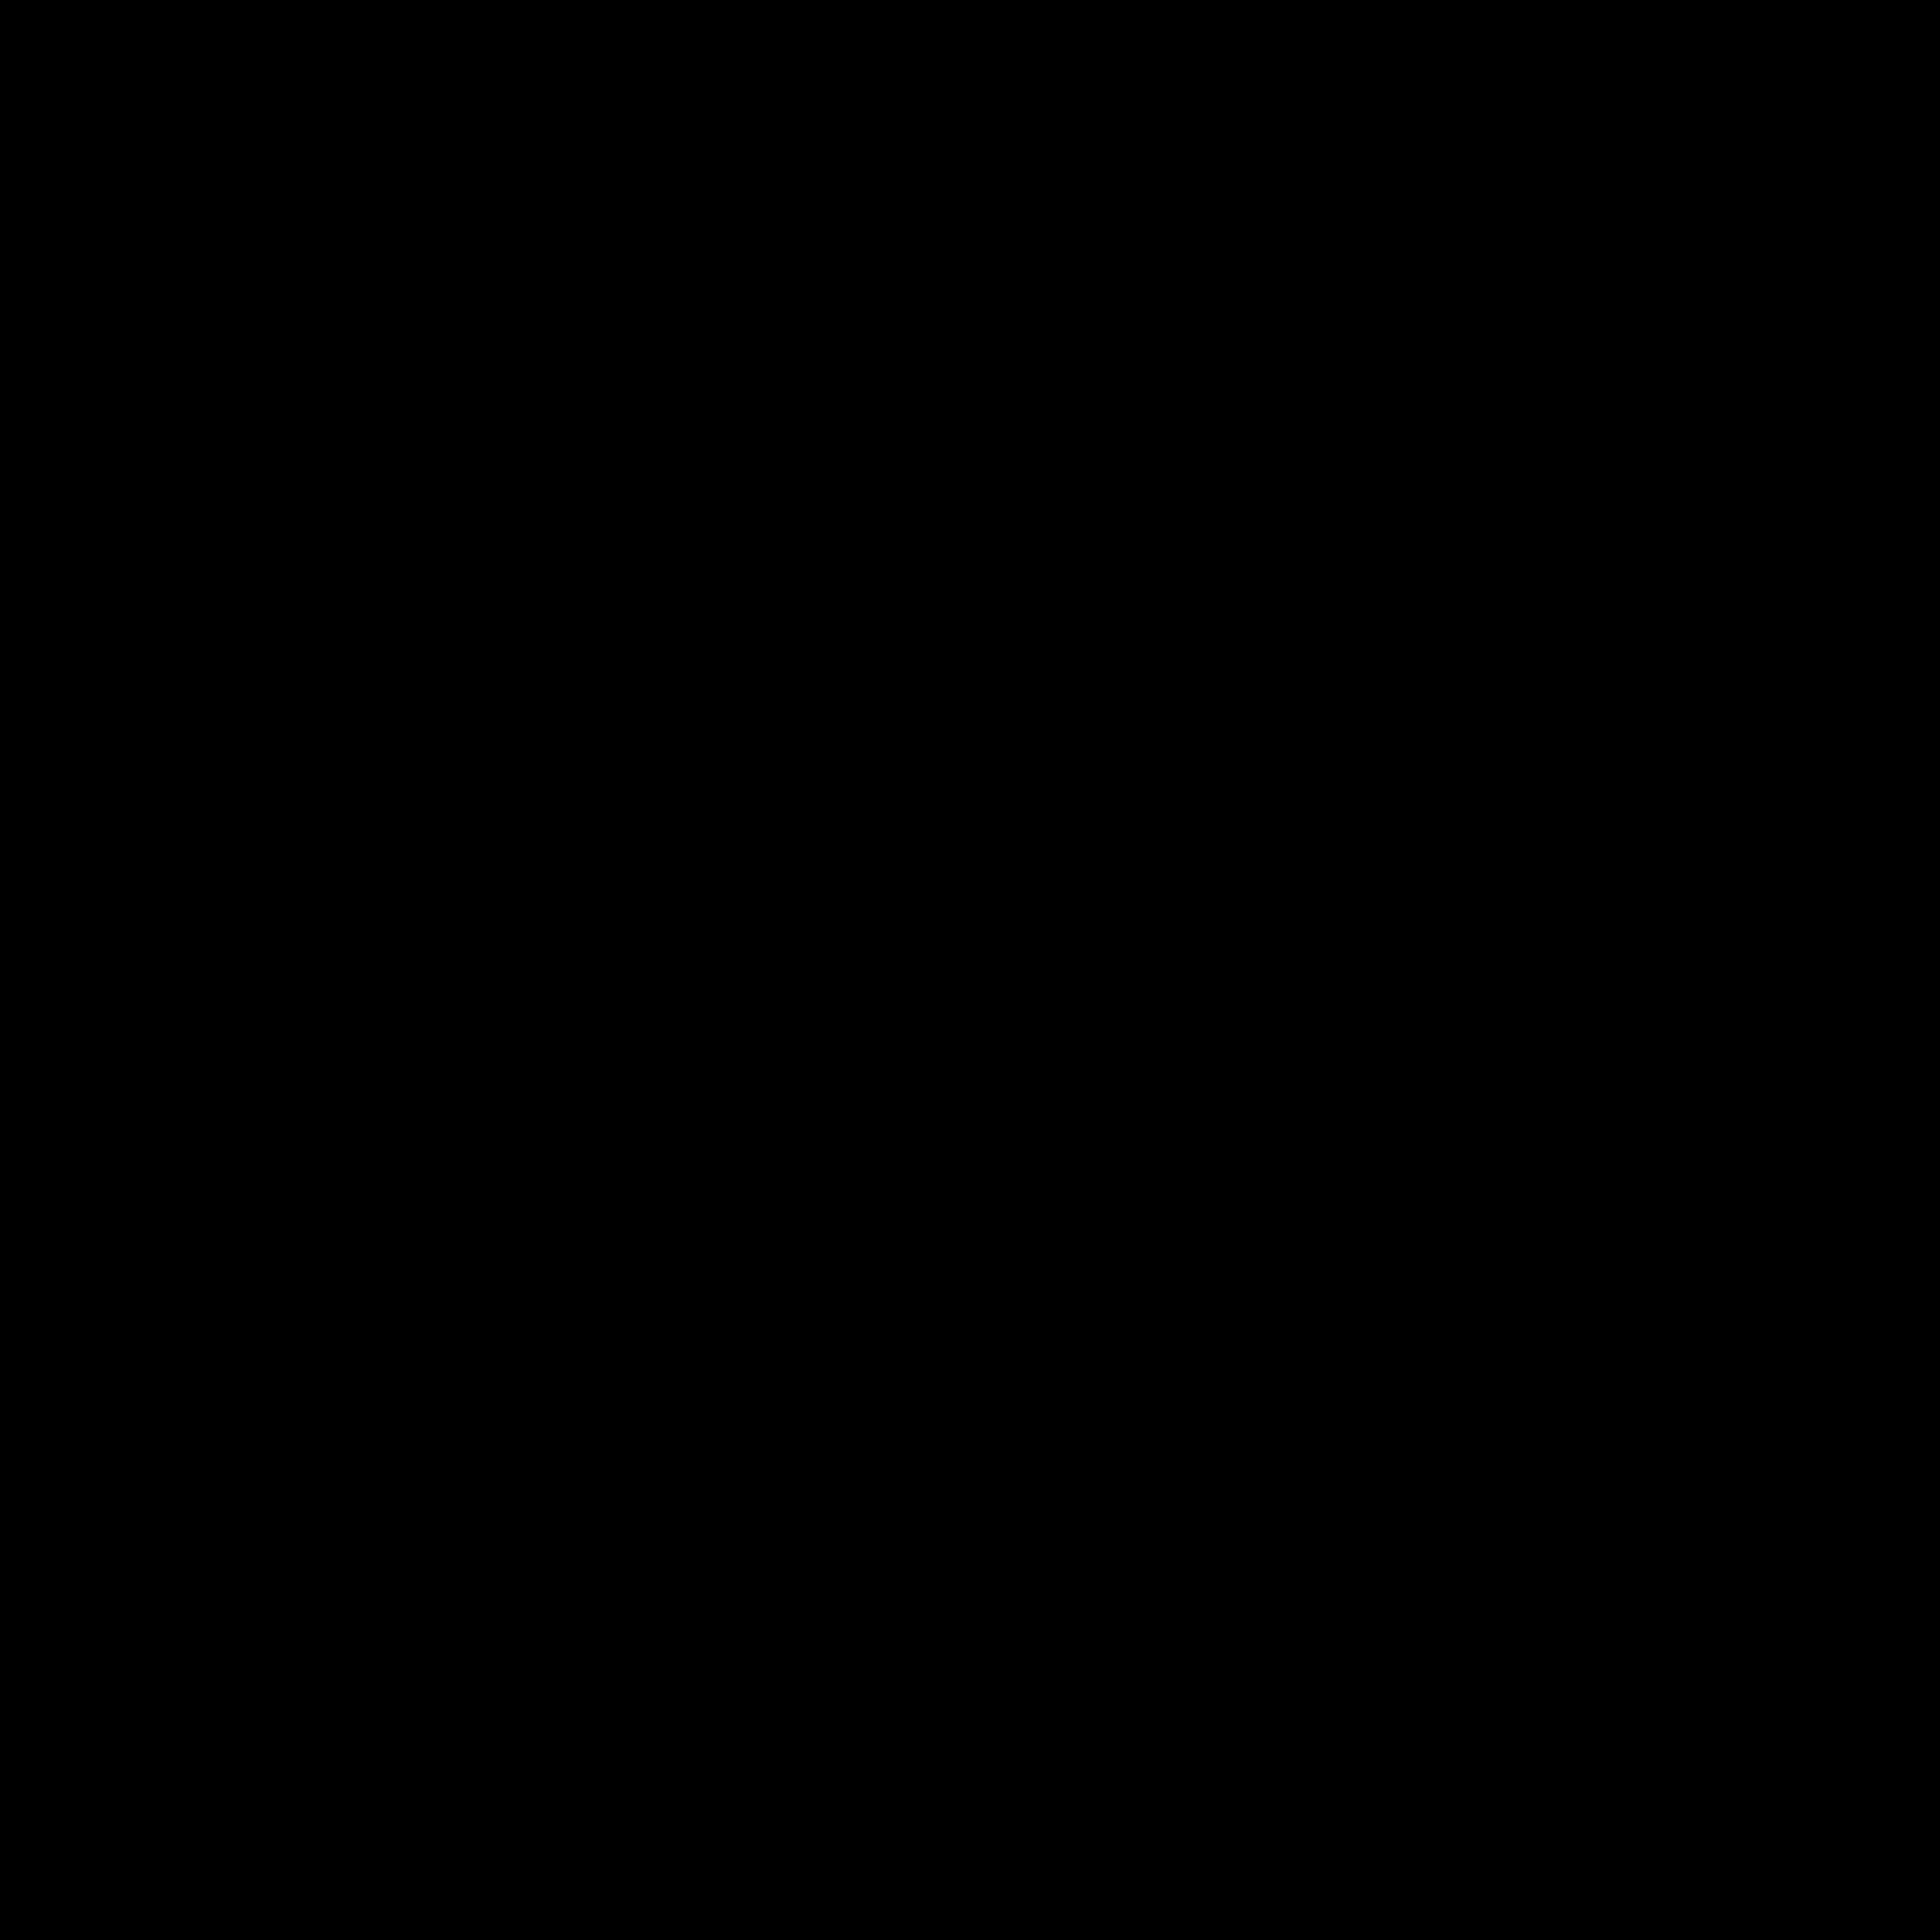 uefa champions league logo png transparent svg vector freebie supply uefa champions league logo png